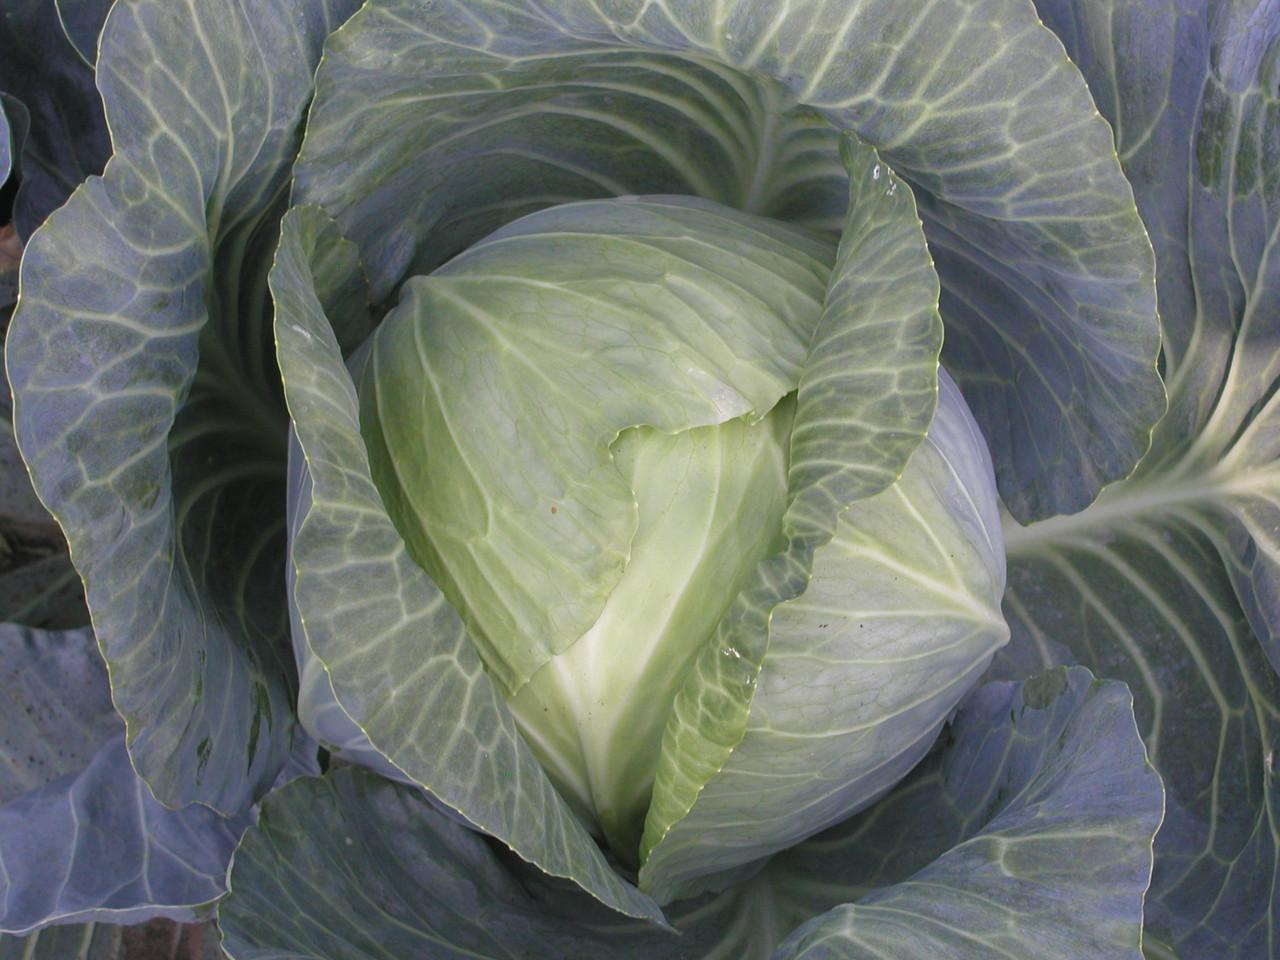 Белокочанная капуста Атрия – высокоурожайный голландский гибрид